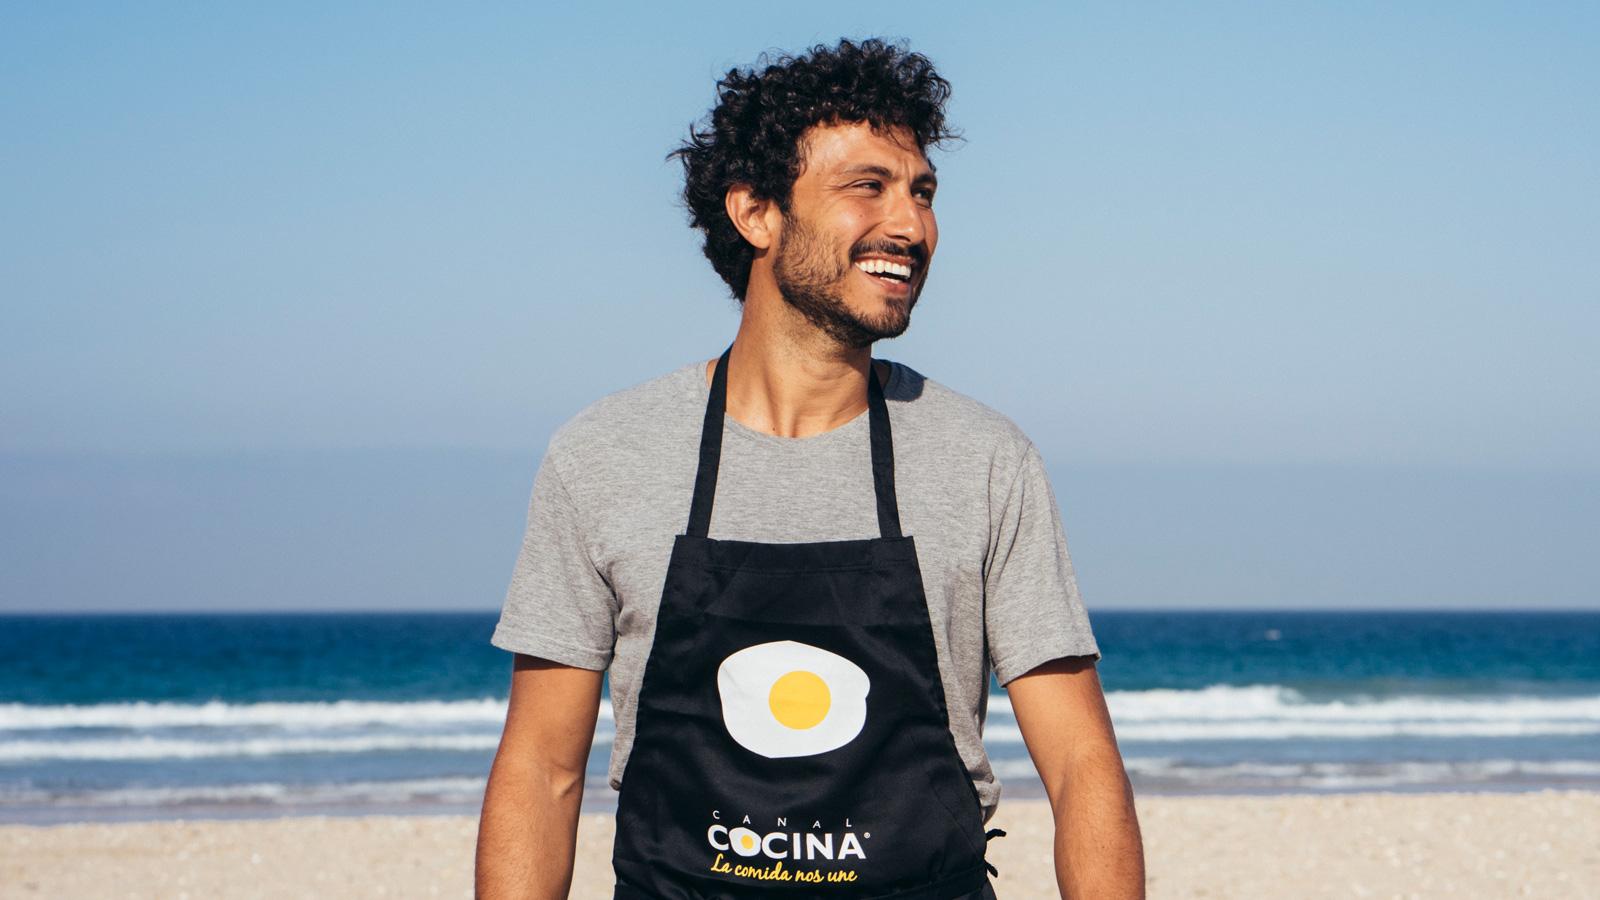 Jose fuentes cocineros canal cocina for Cocineros de canal cocina